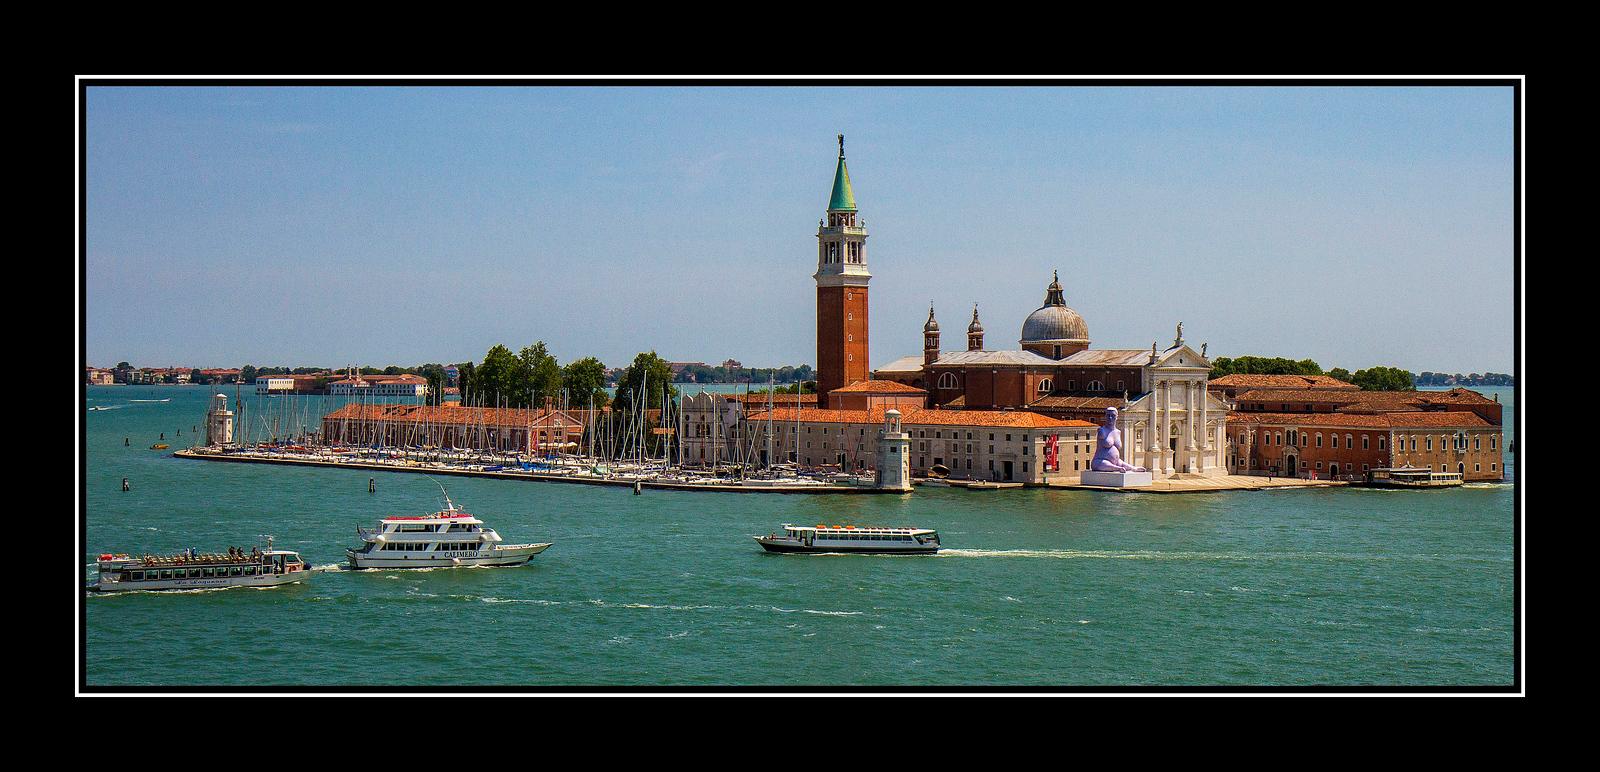 IMAGE: https://photos.smugmug.com/Travel/Architecture/Venice/i-bSKCvZf/0/21ff3b7a/X3/Venice%20Island%2001a-X3.jpg